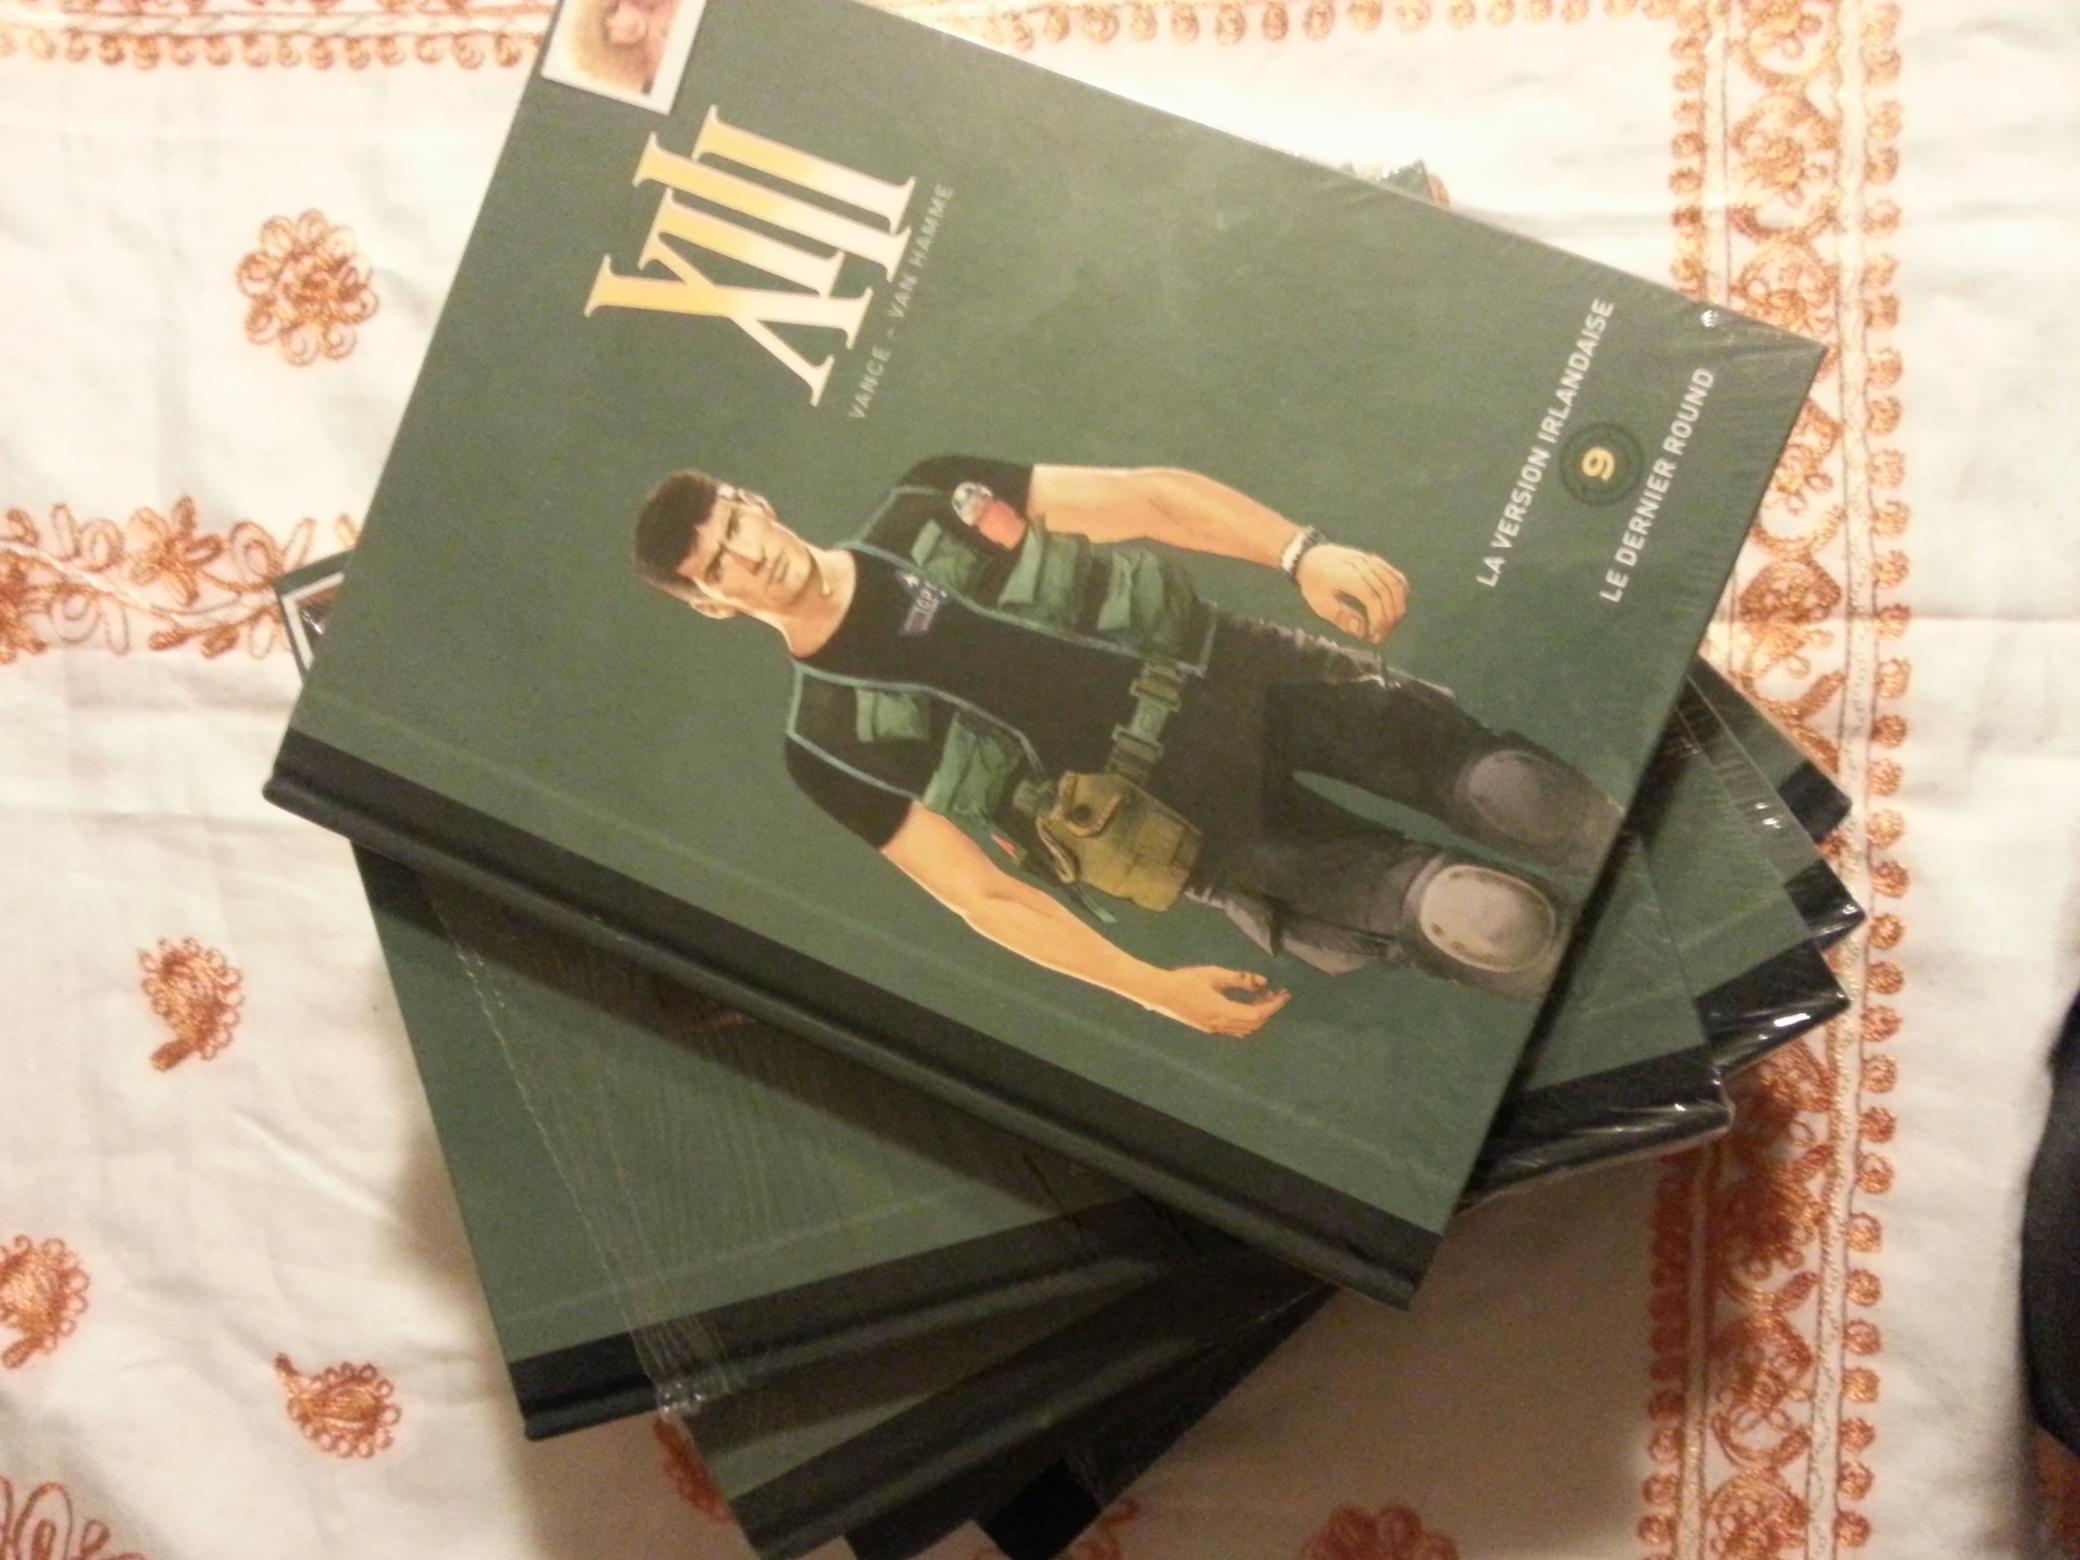 14 achat-vente CD/DVD/BD/Vinyles achat et vente de CD/DVD/VINYLES etc achat-vente CD/DVD/BD/Vinyles achat et vente de CD/DVD/VINYLES etc